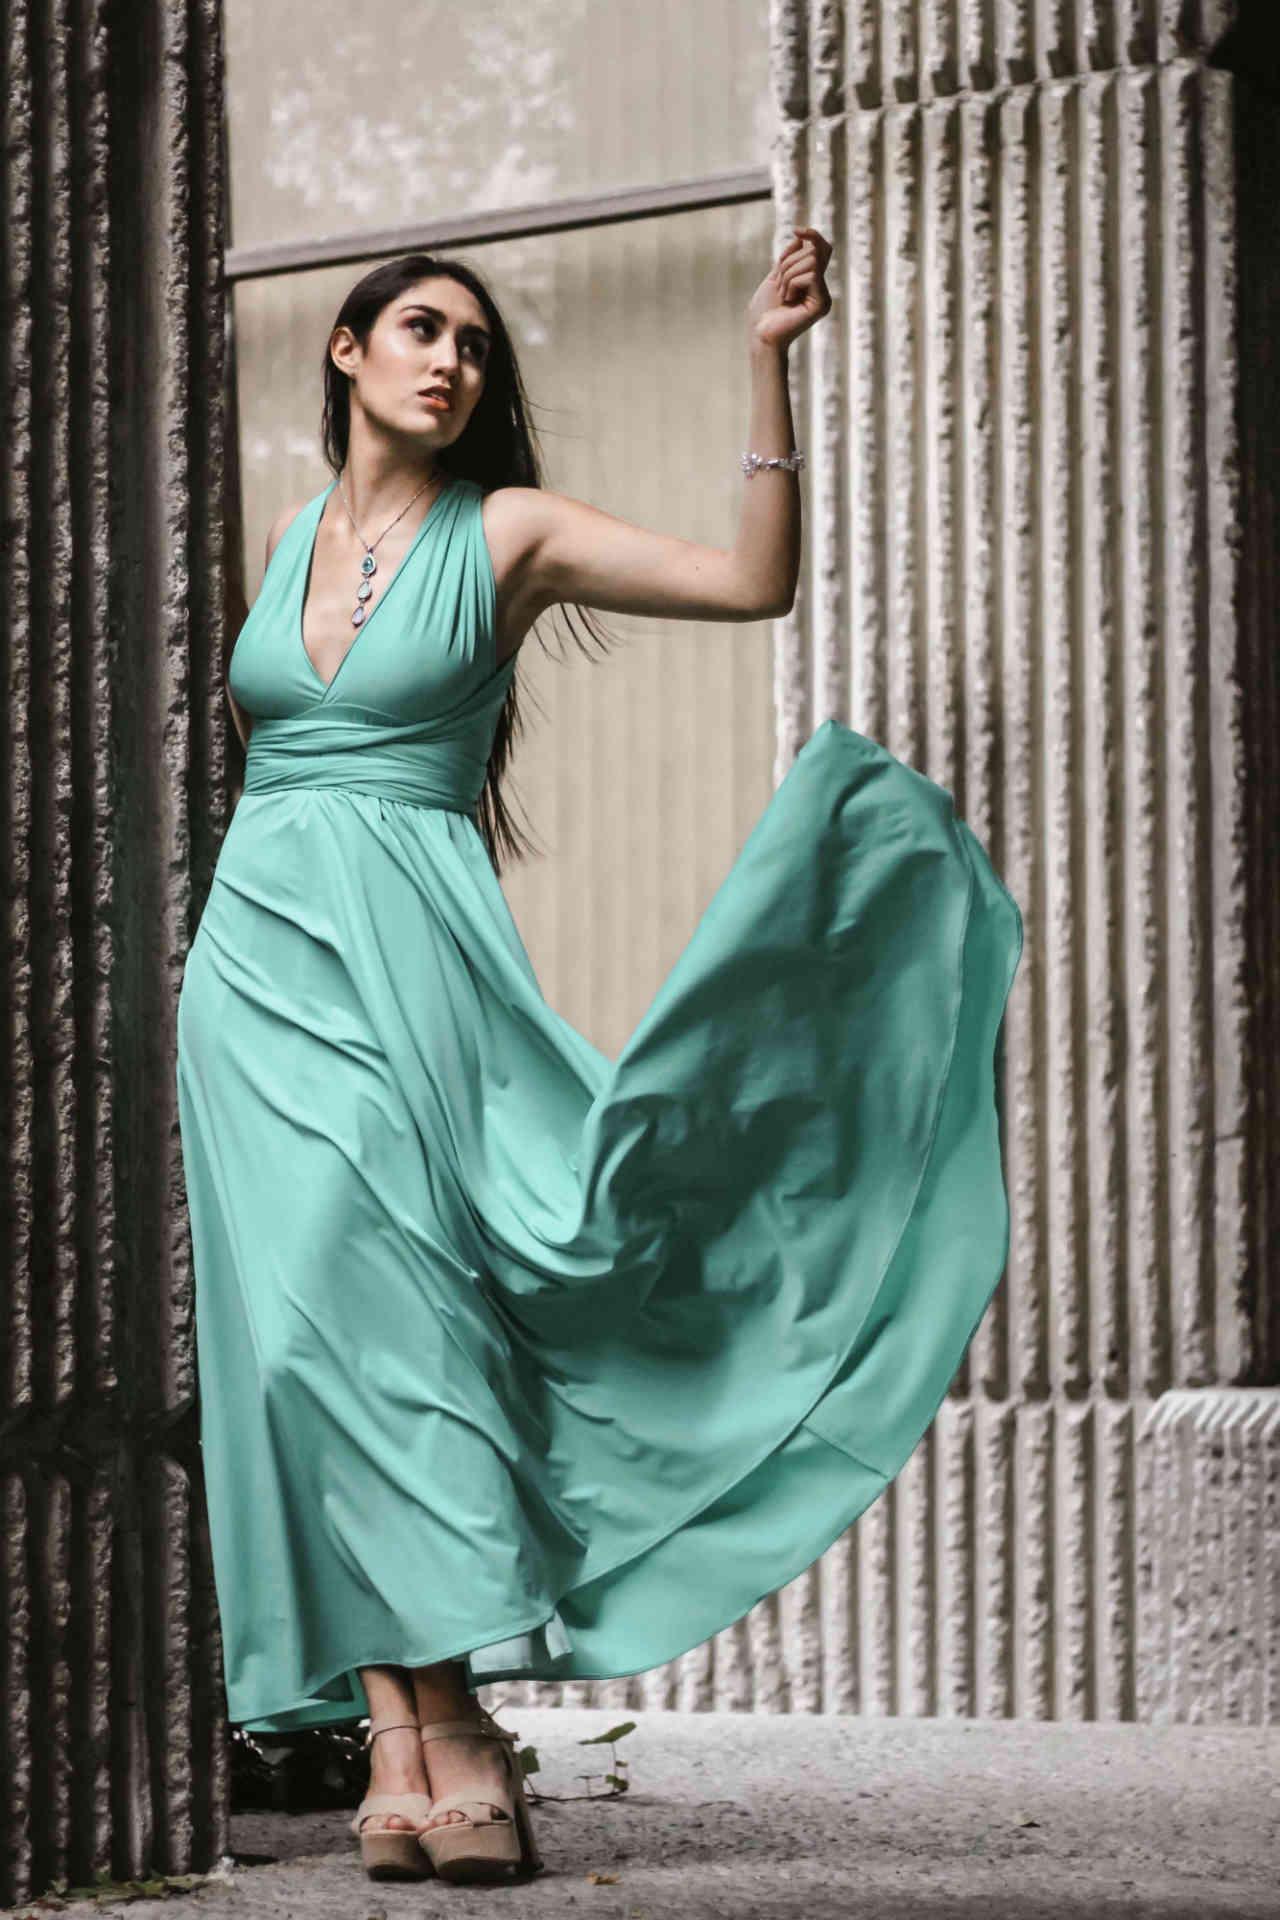 zöld ruhás nő